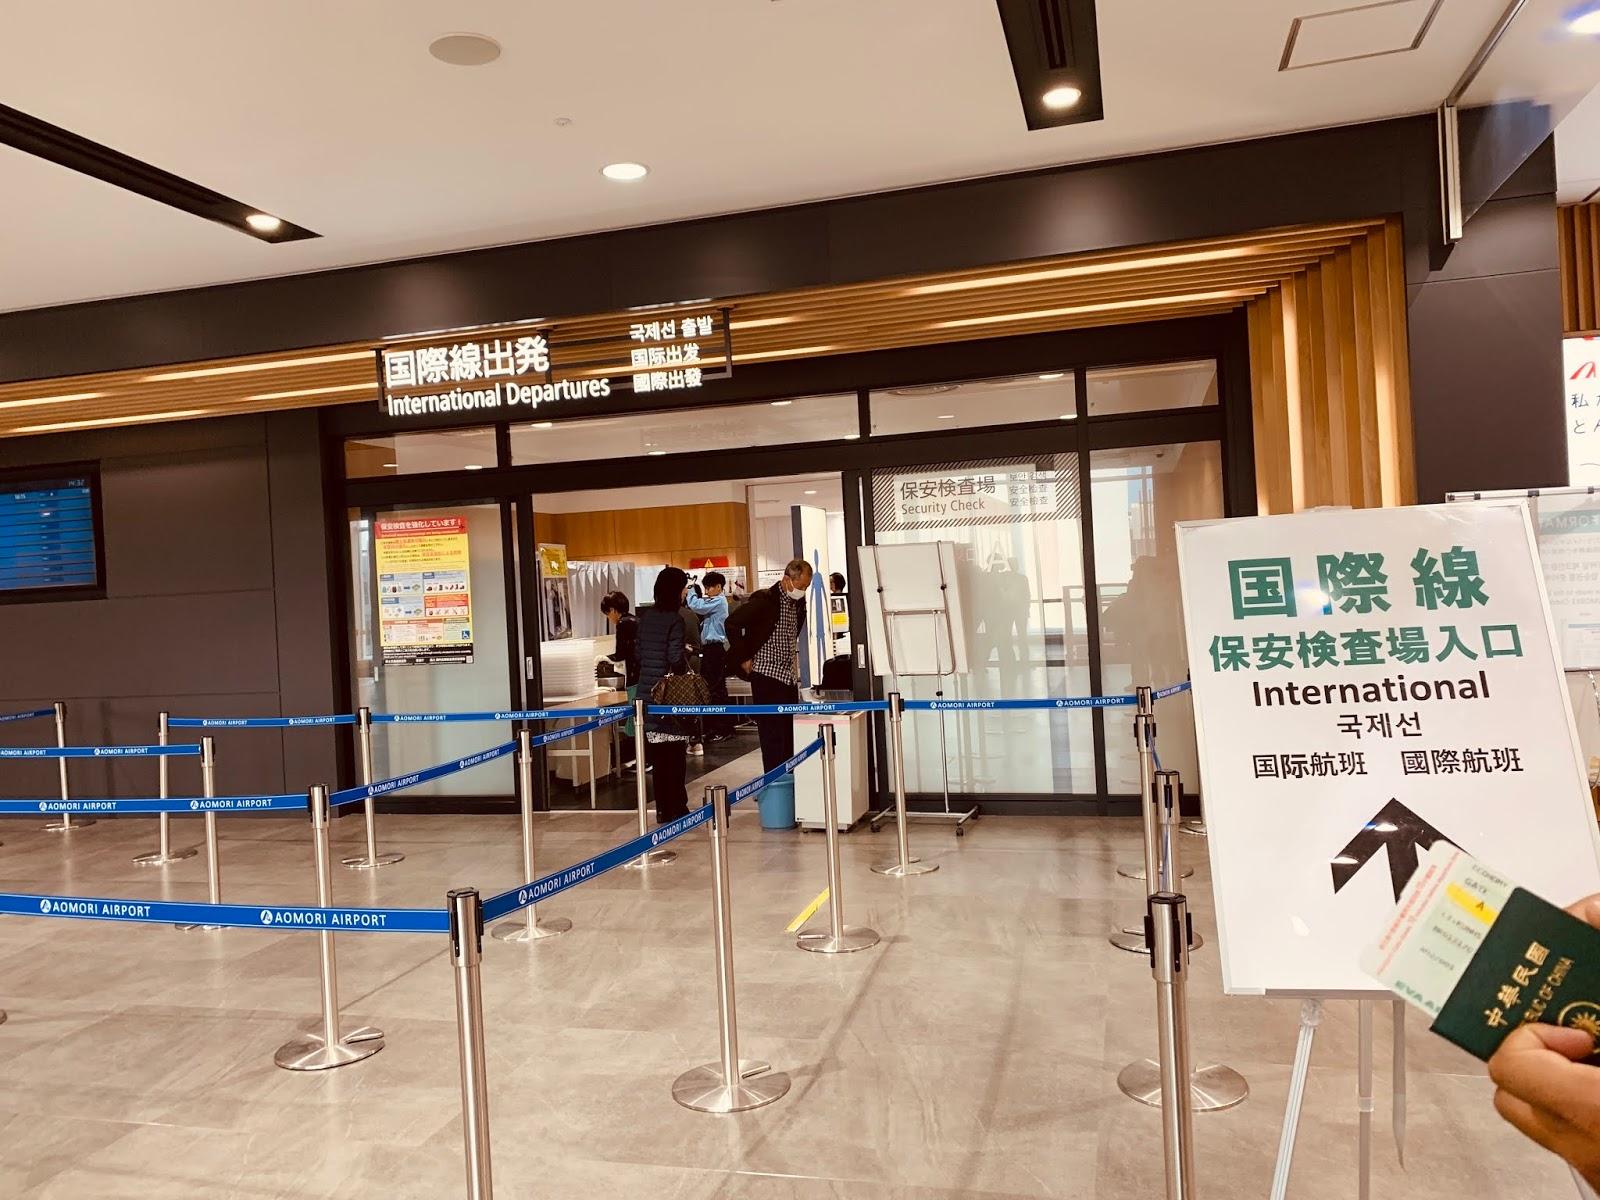 青森空港-國際現出境